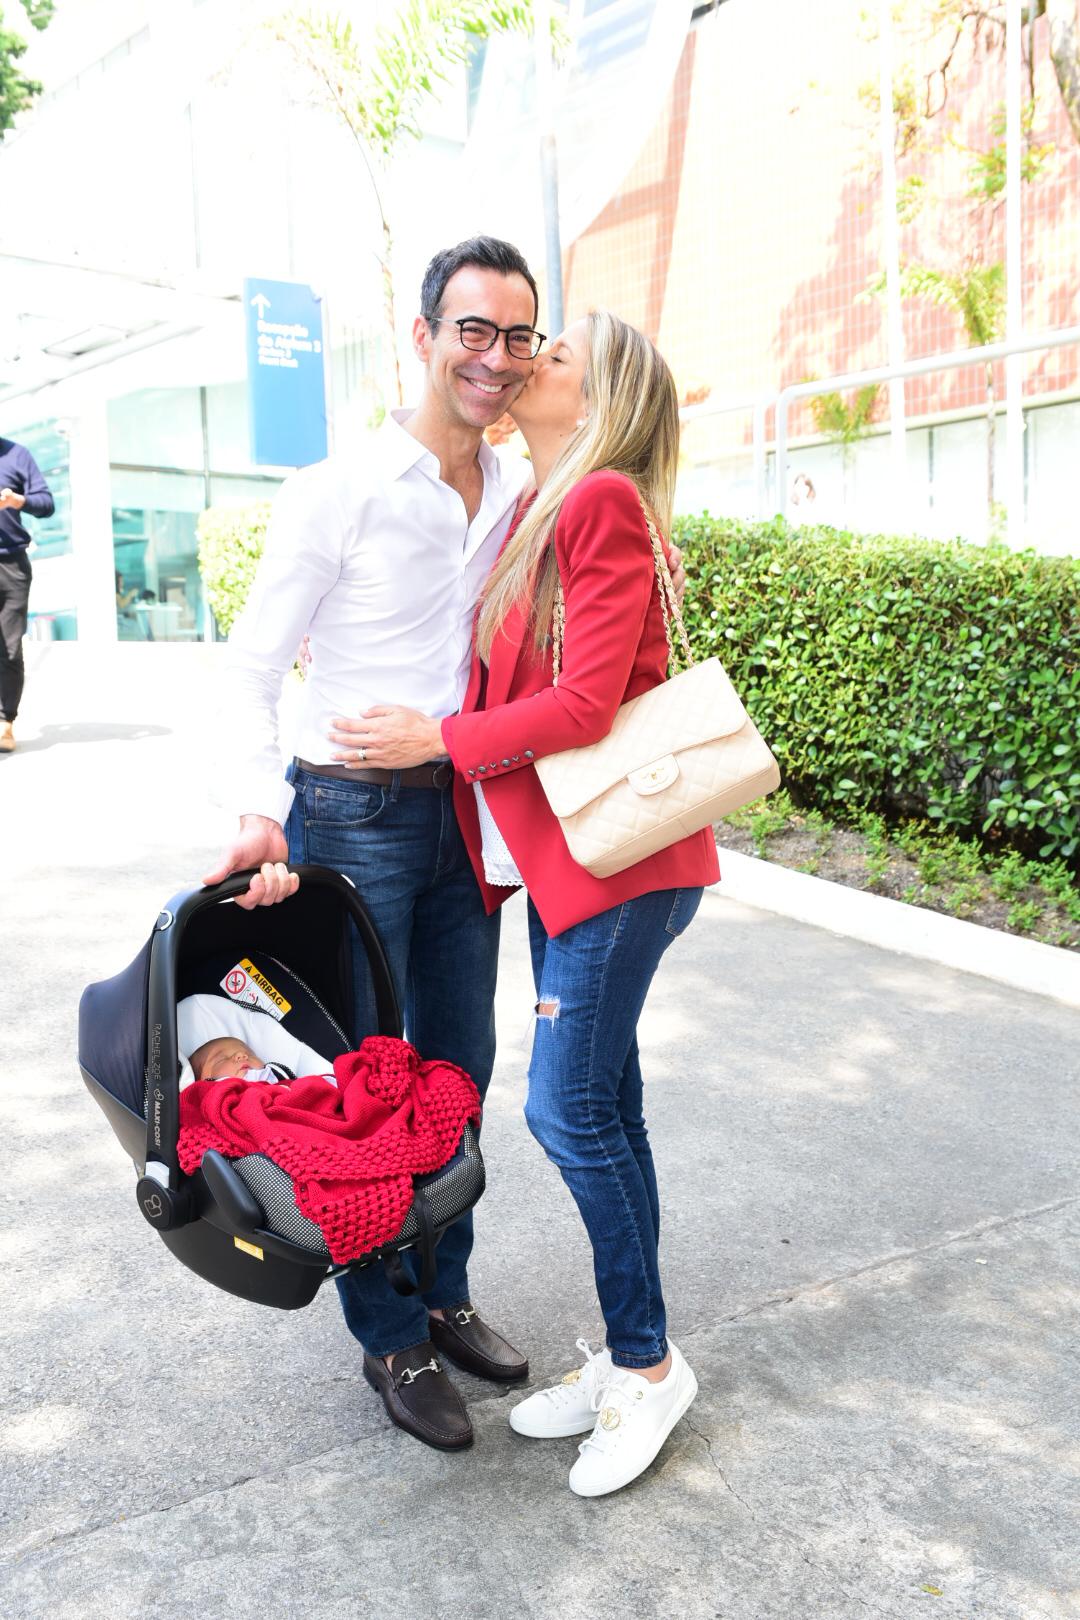 Os apresentadores da Record e da Globo foram visto deixando o Hospital com a recém-nascida Manuella (Foto: AgNews)